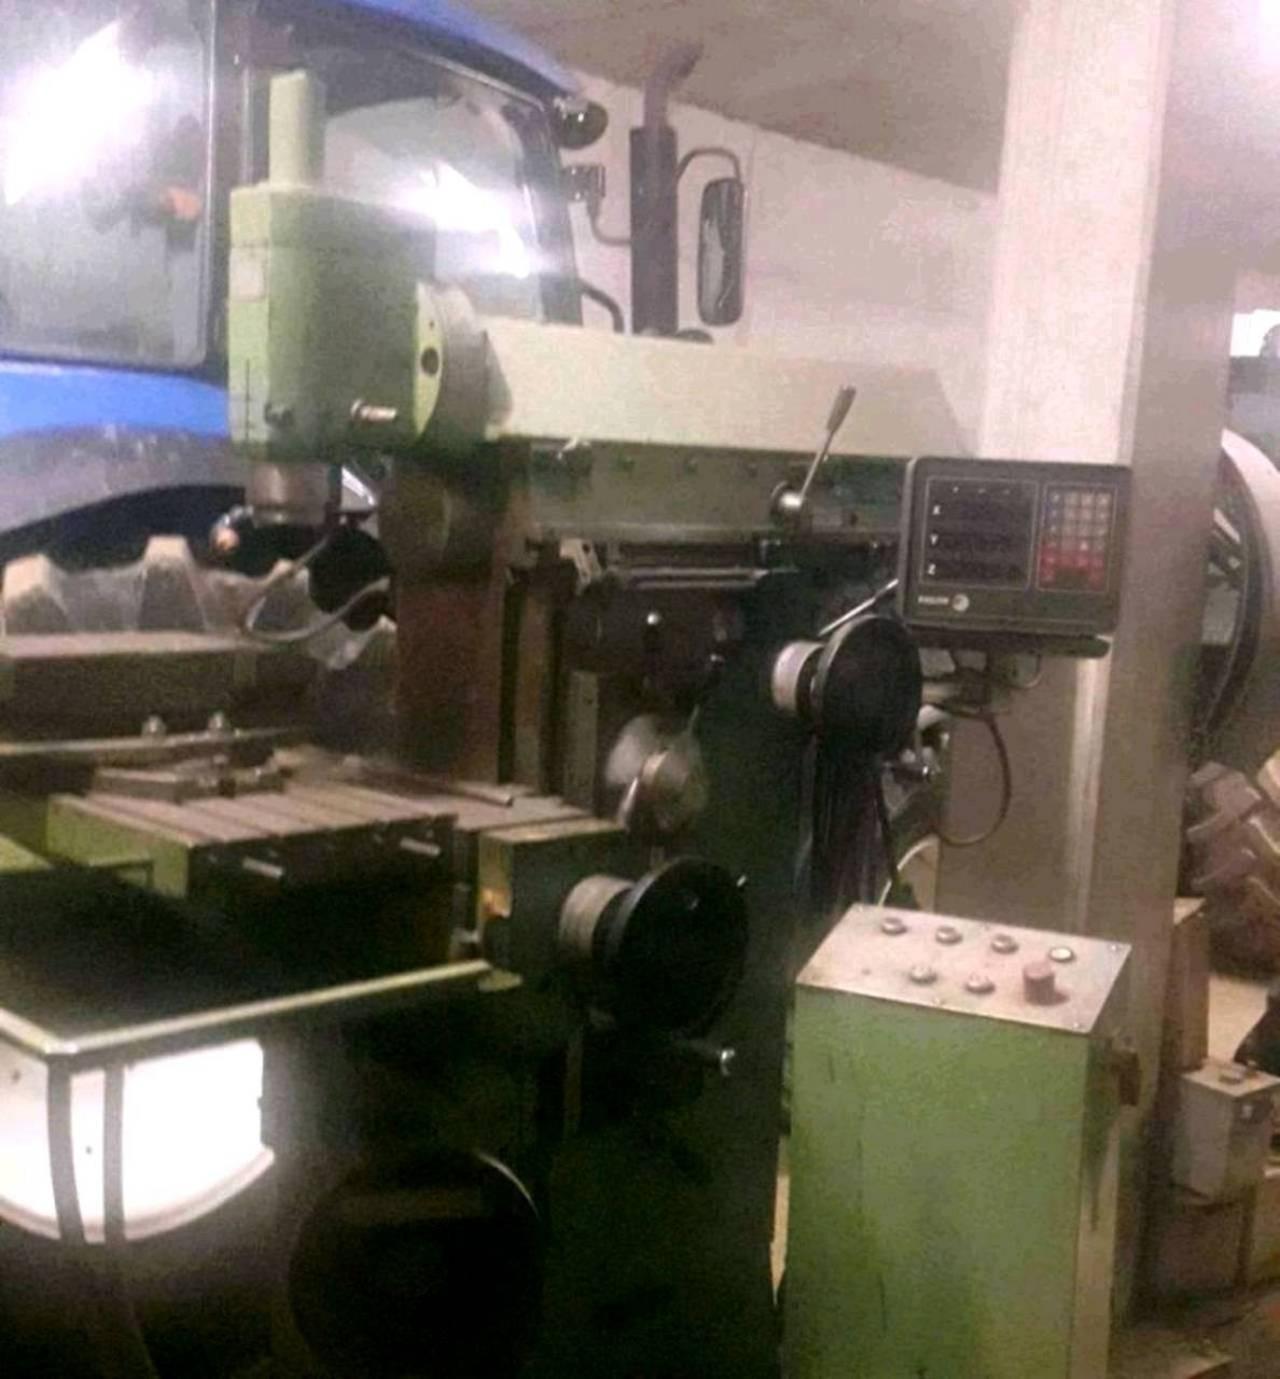 Super Werkstatt Möbel gebraucht kaufen - auf www.landwirt.com @XE_79